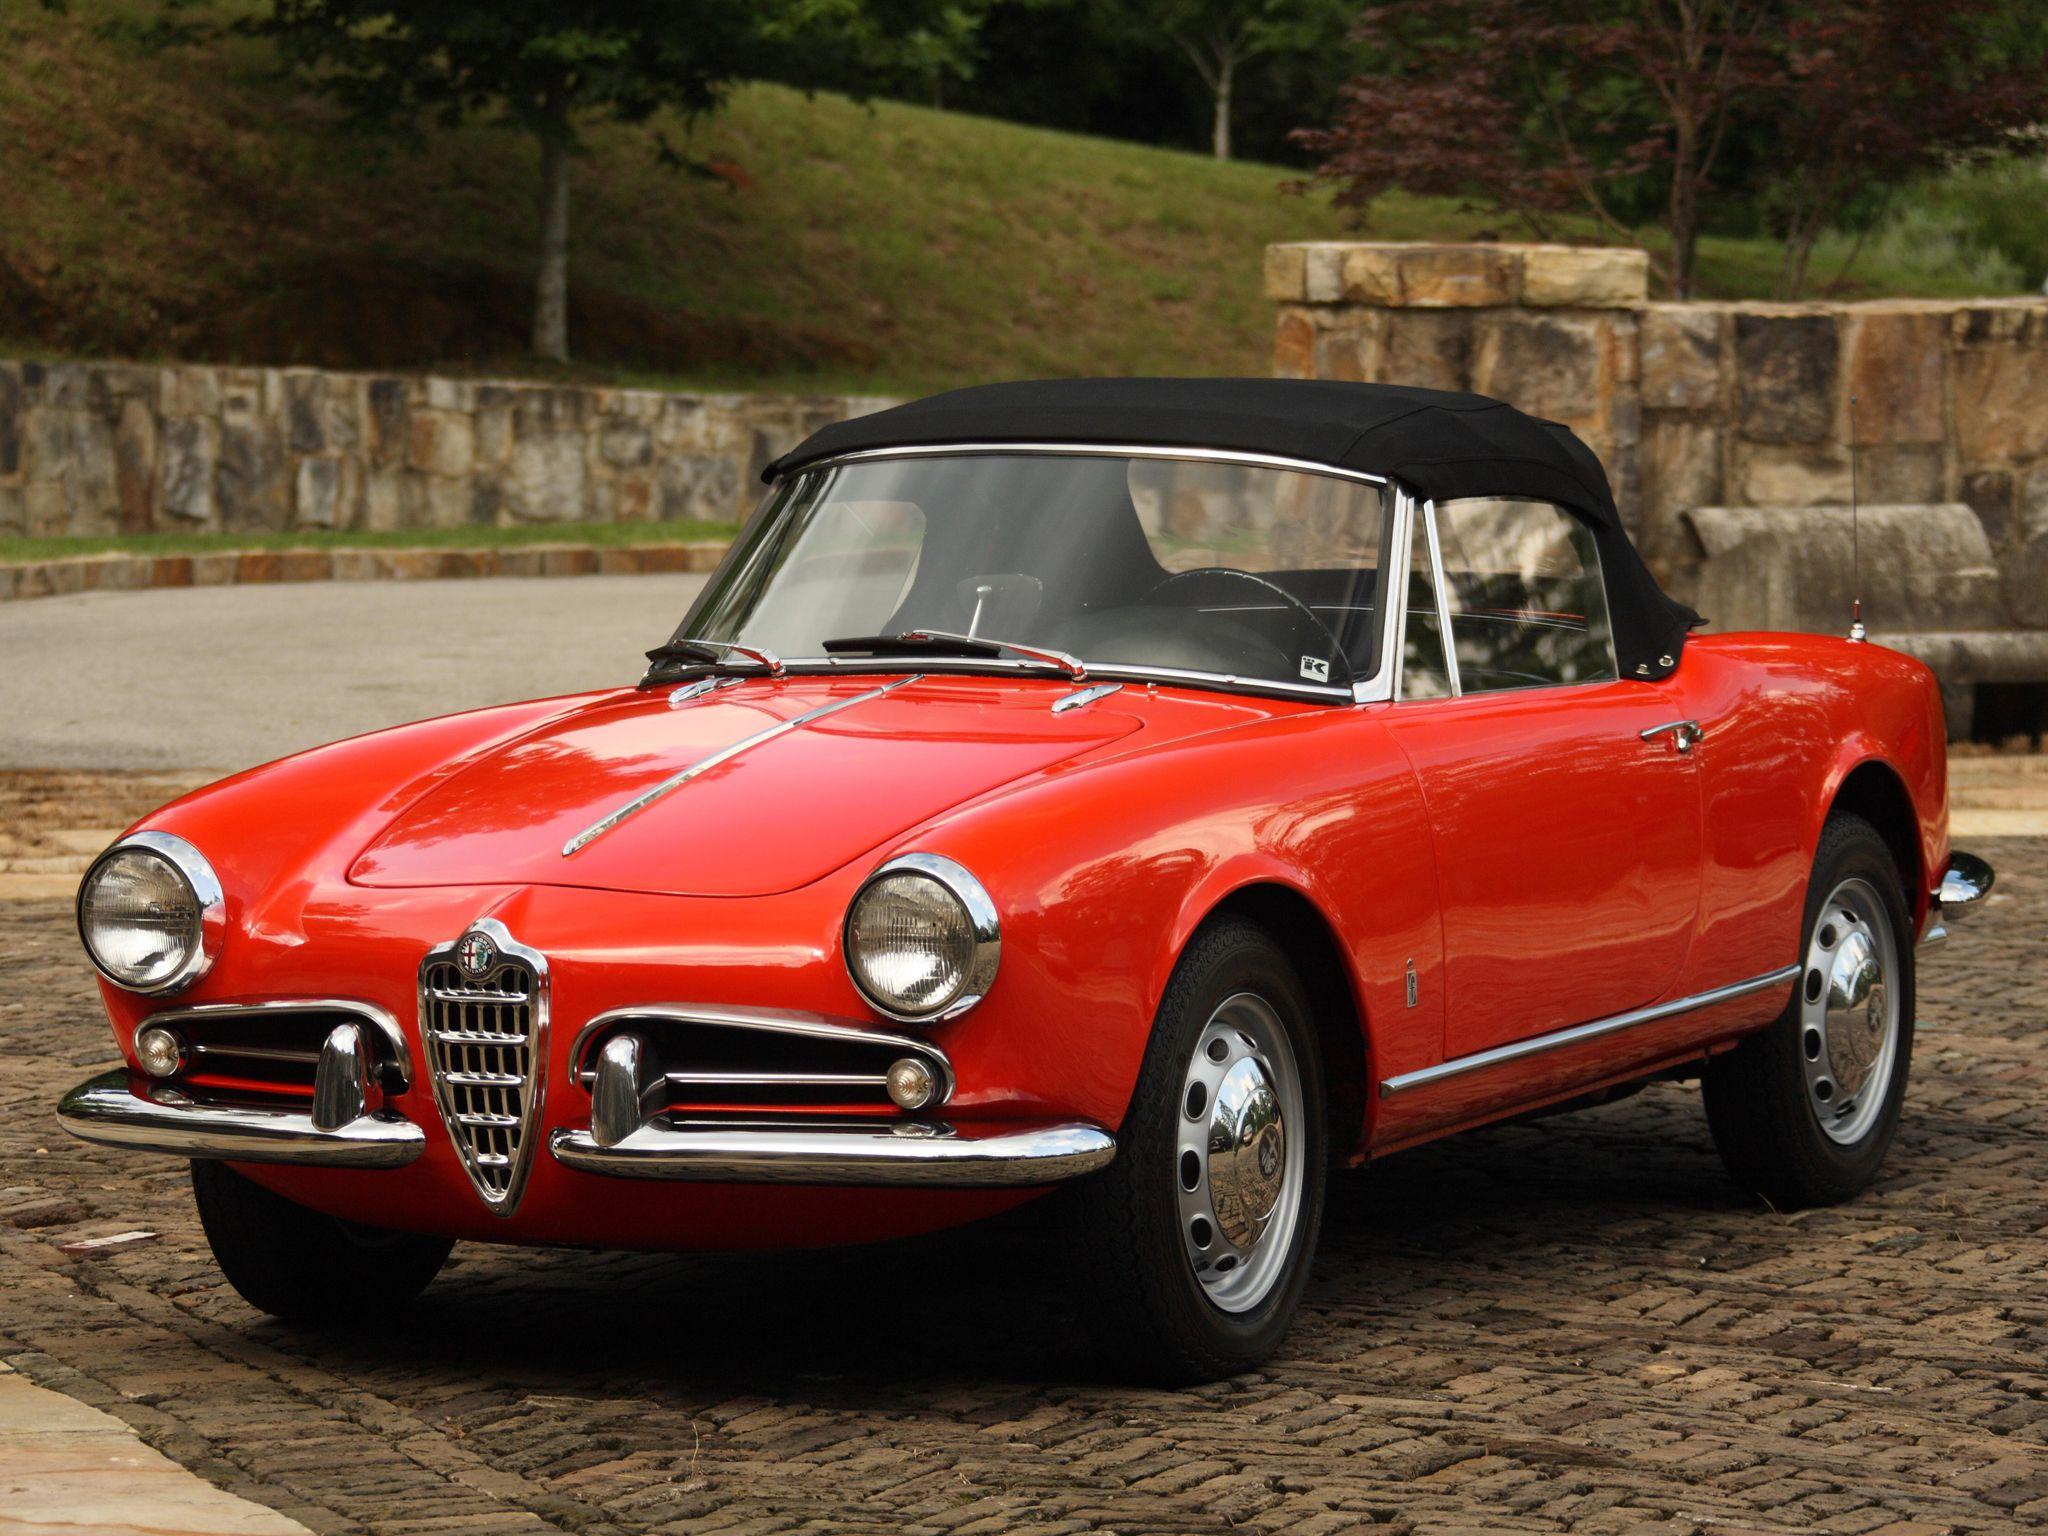 1956 Alfa Romeo Giulietta Spider Nostalgia On Four Wheels Alfa Romeo Giulietta Alfa Romeo Alfa Romeo Spider